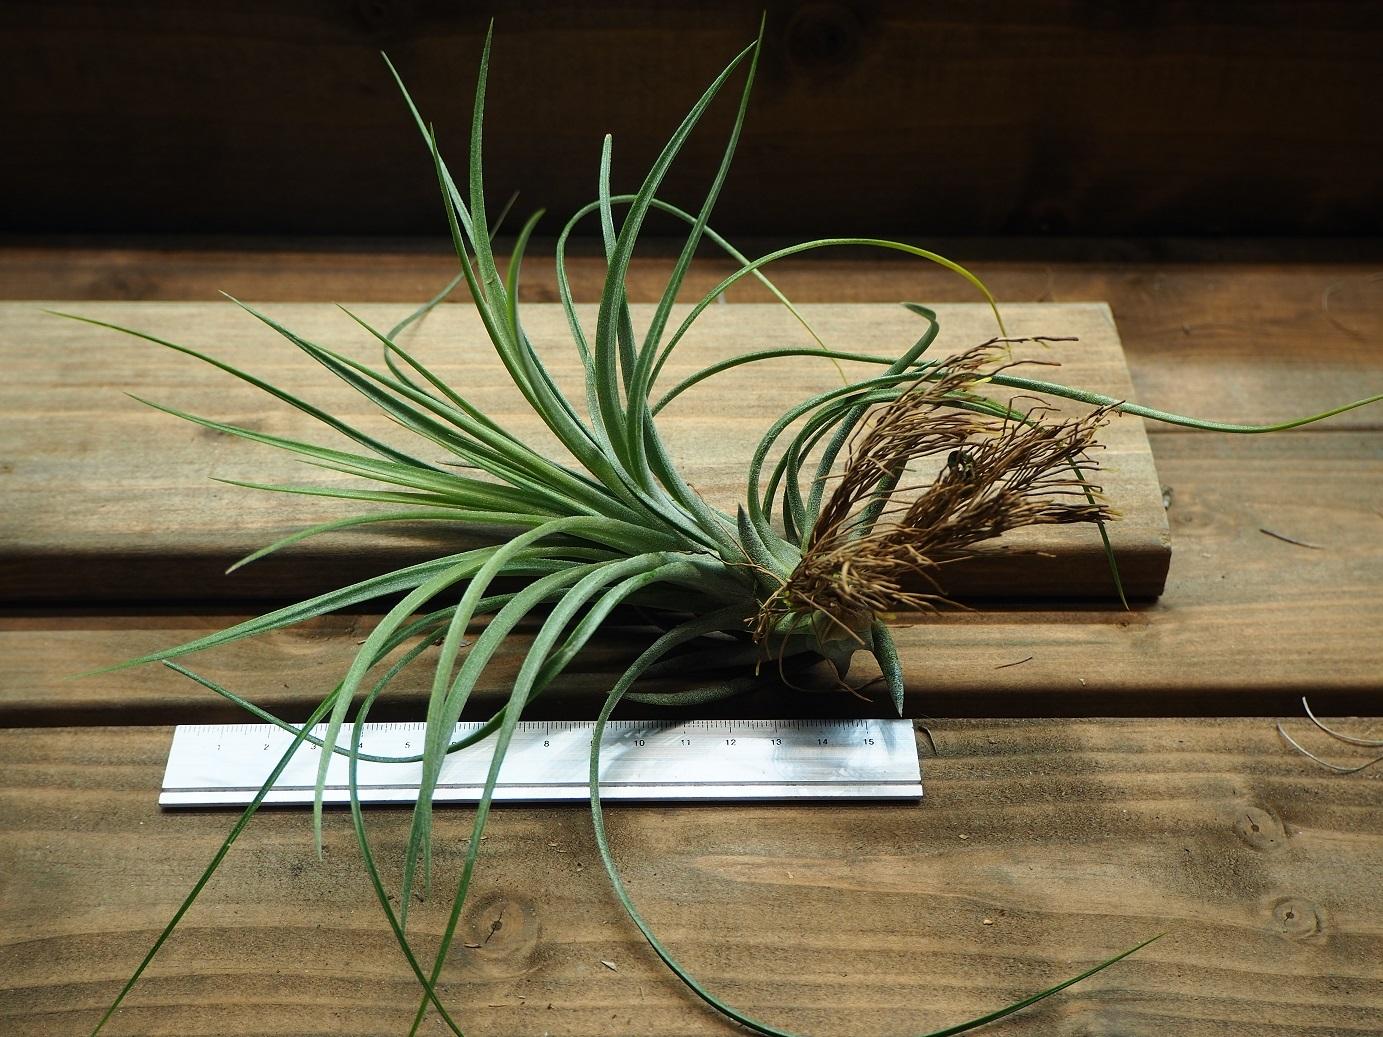 チランジア / ファシクラータ × イオナンタ (T.fasciculata × T.ionantha)